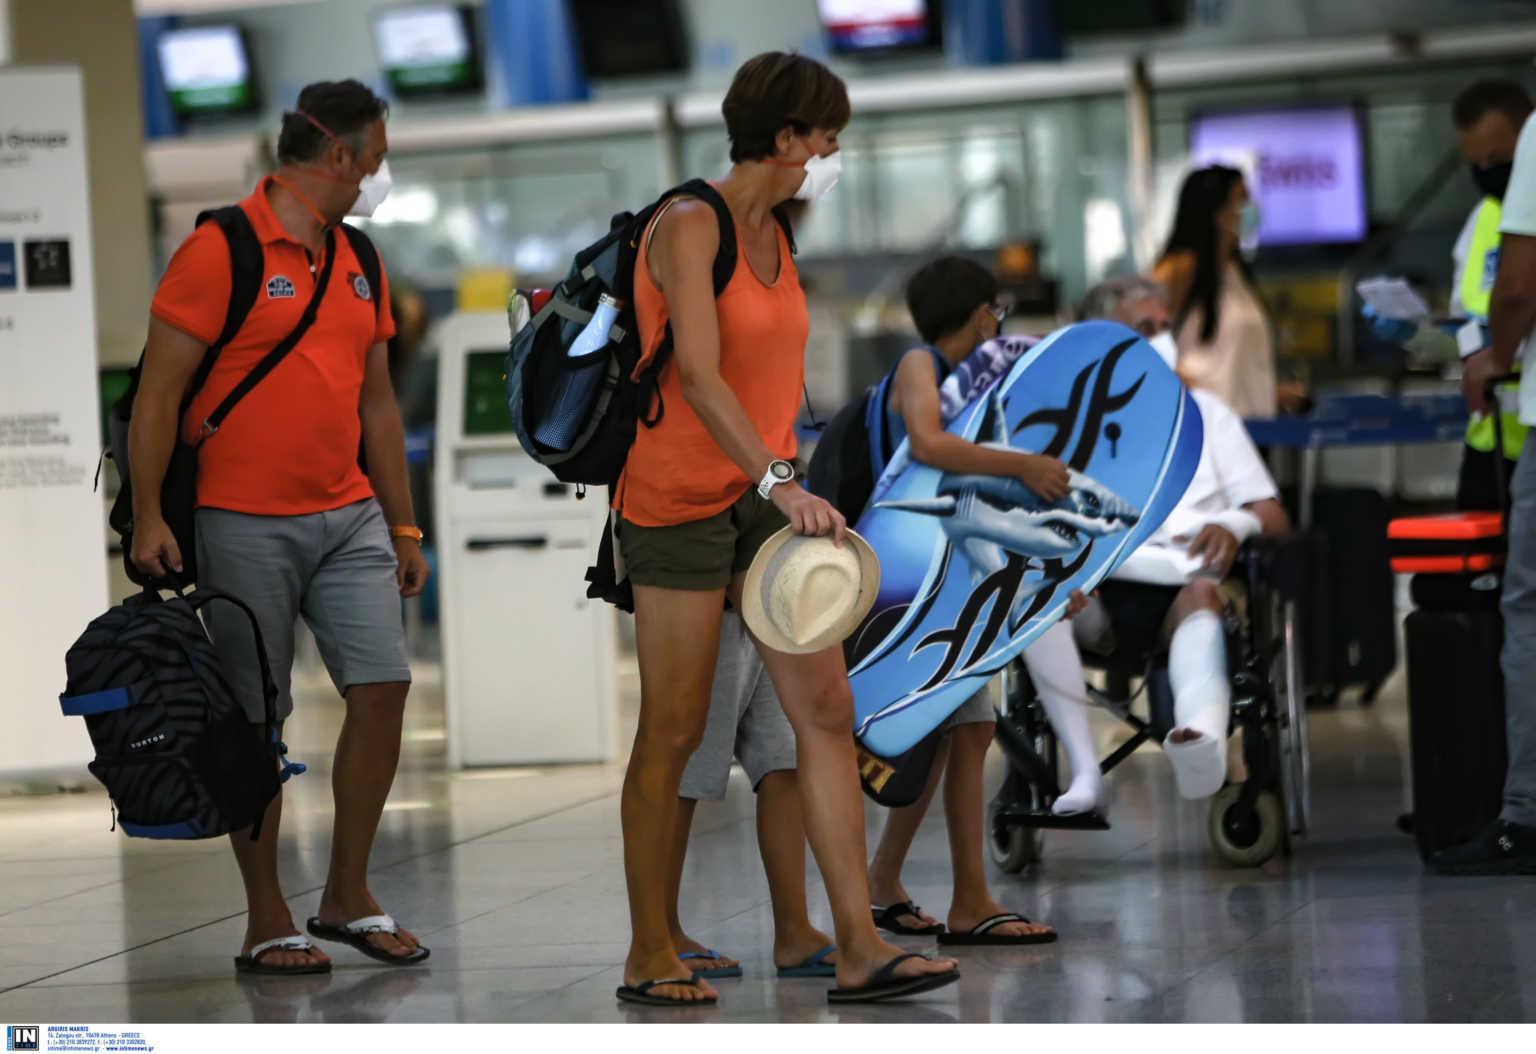 Αγωνία για τον τουρισμό – Η Βρετανία αφήνει προσωρινά εκτός «πράσινης λίστας» την Ελλάδα